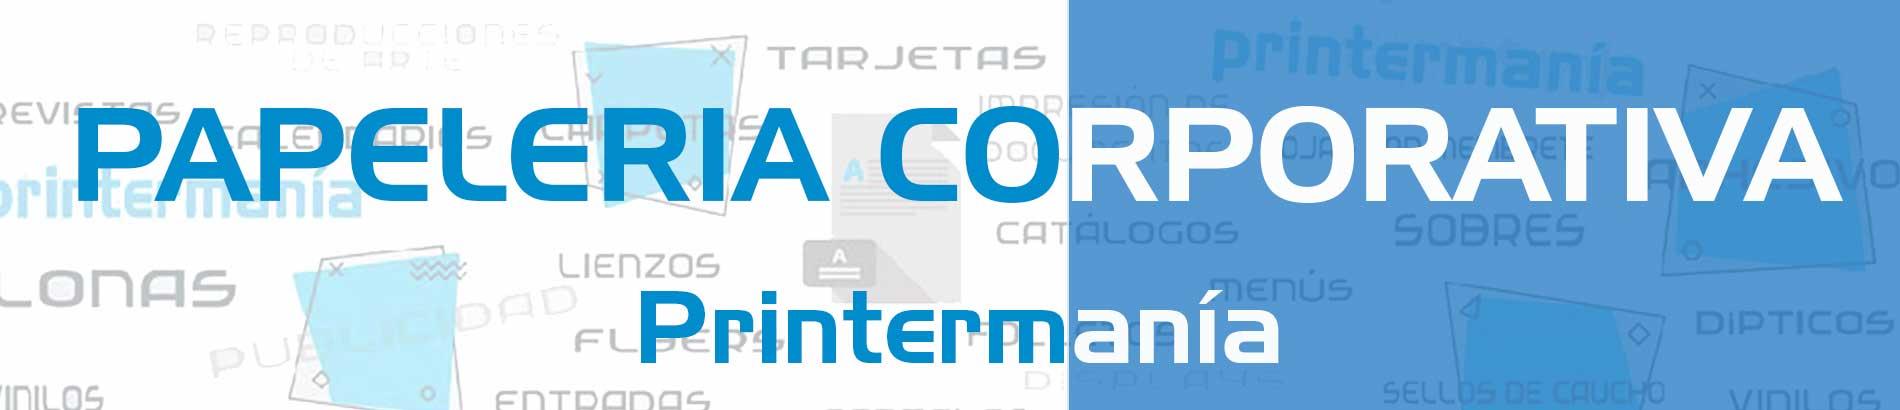 impresión online papelería corporativa